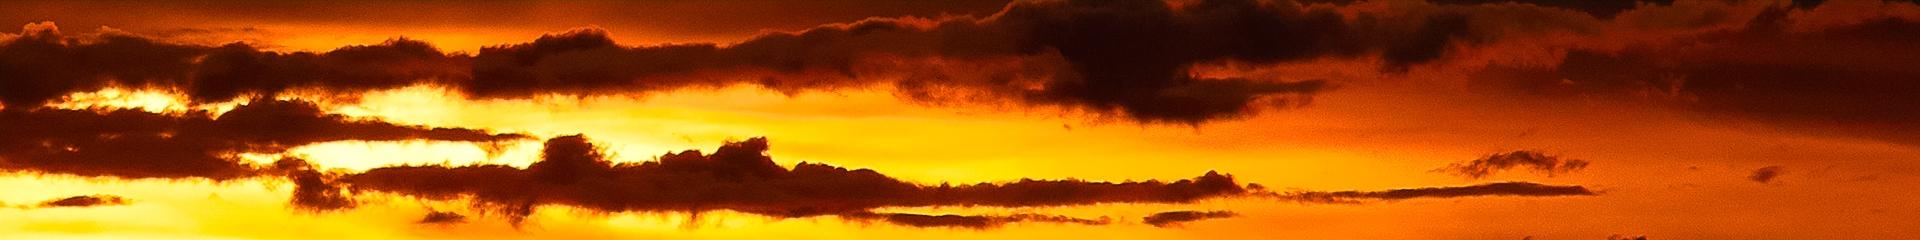 03-sky-colour-management